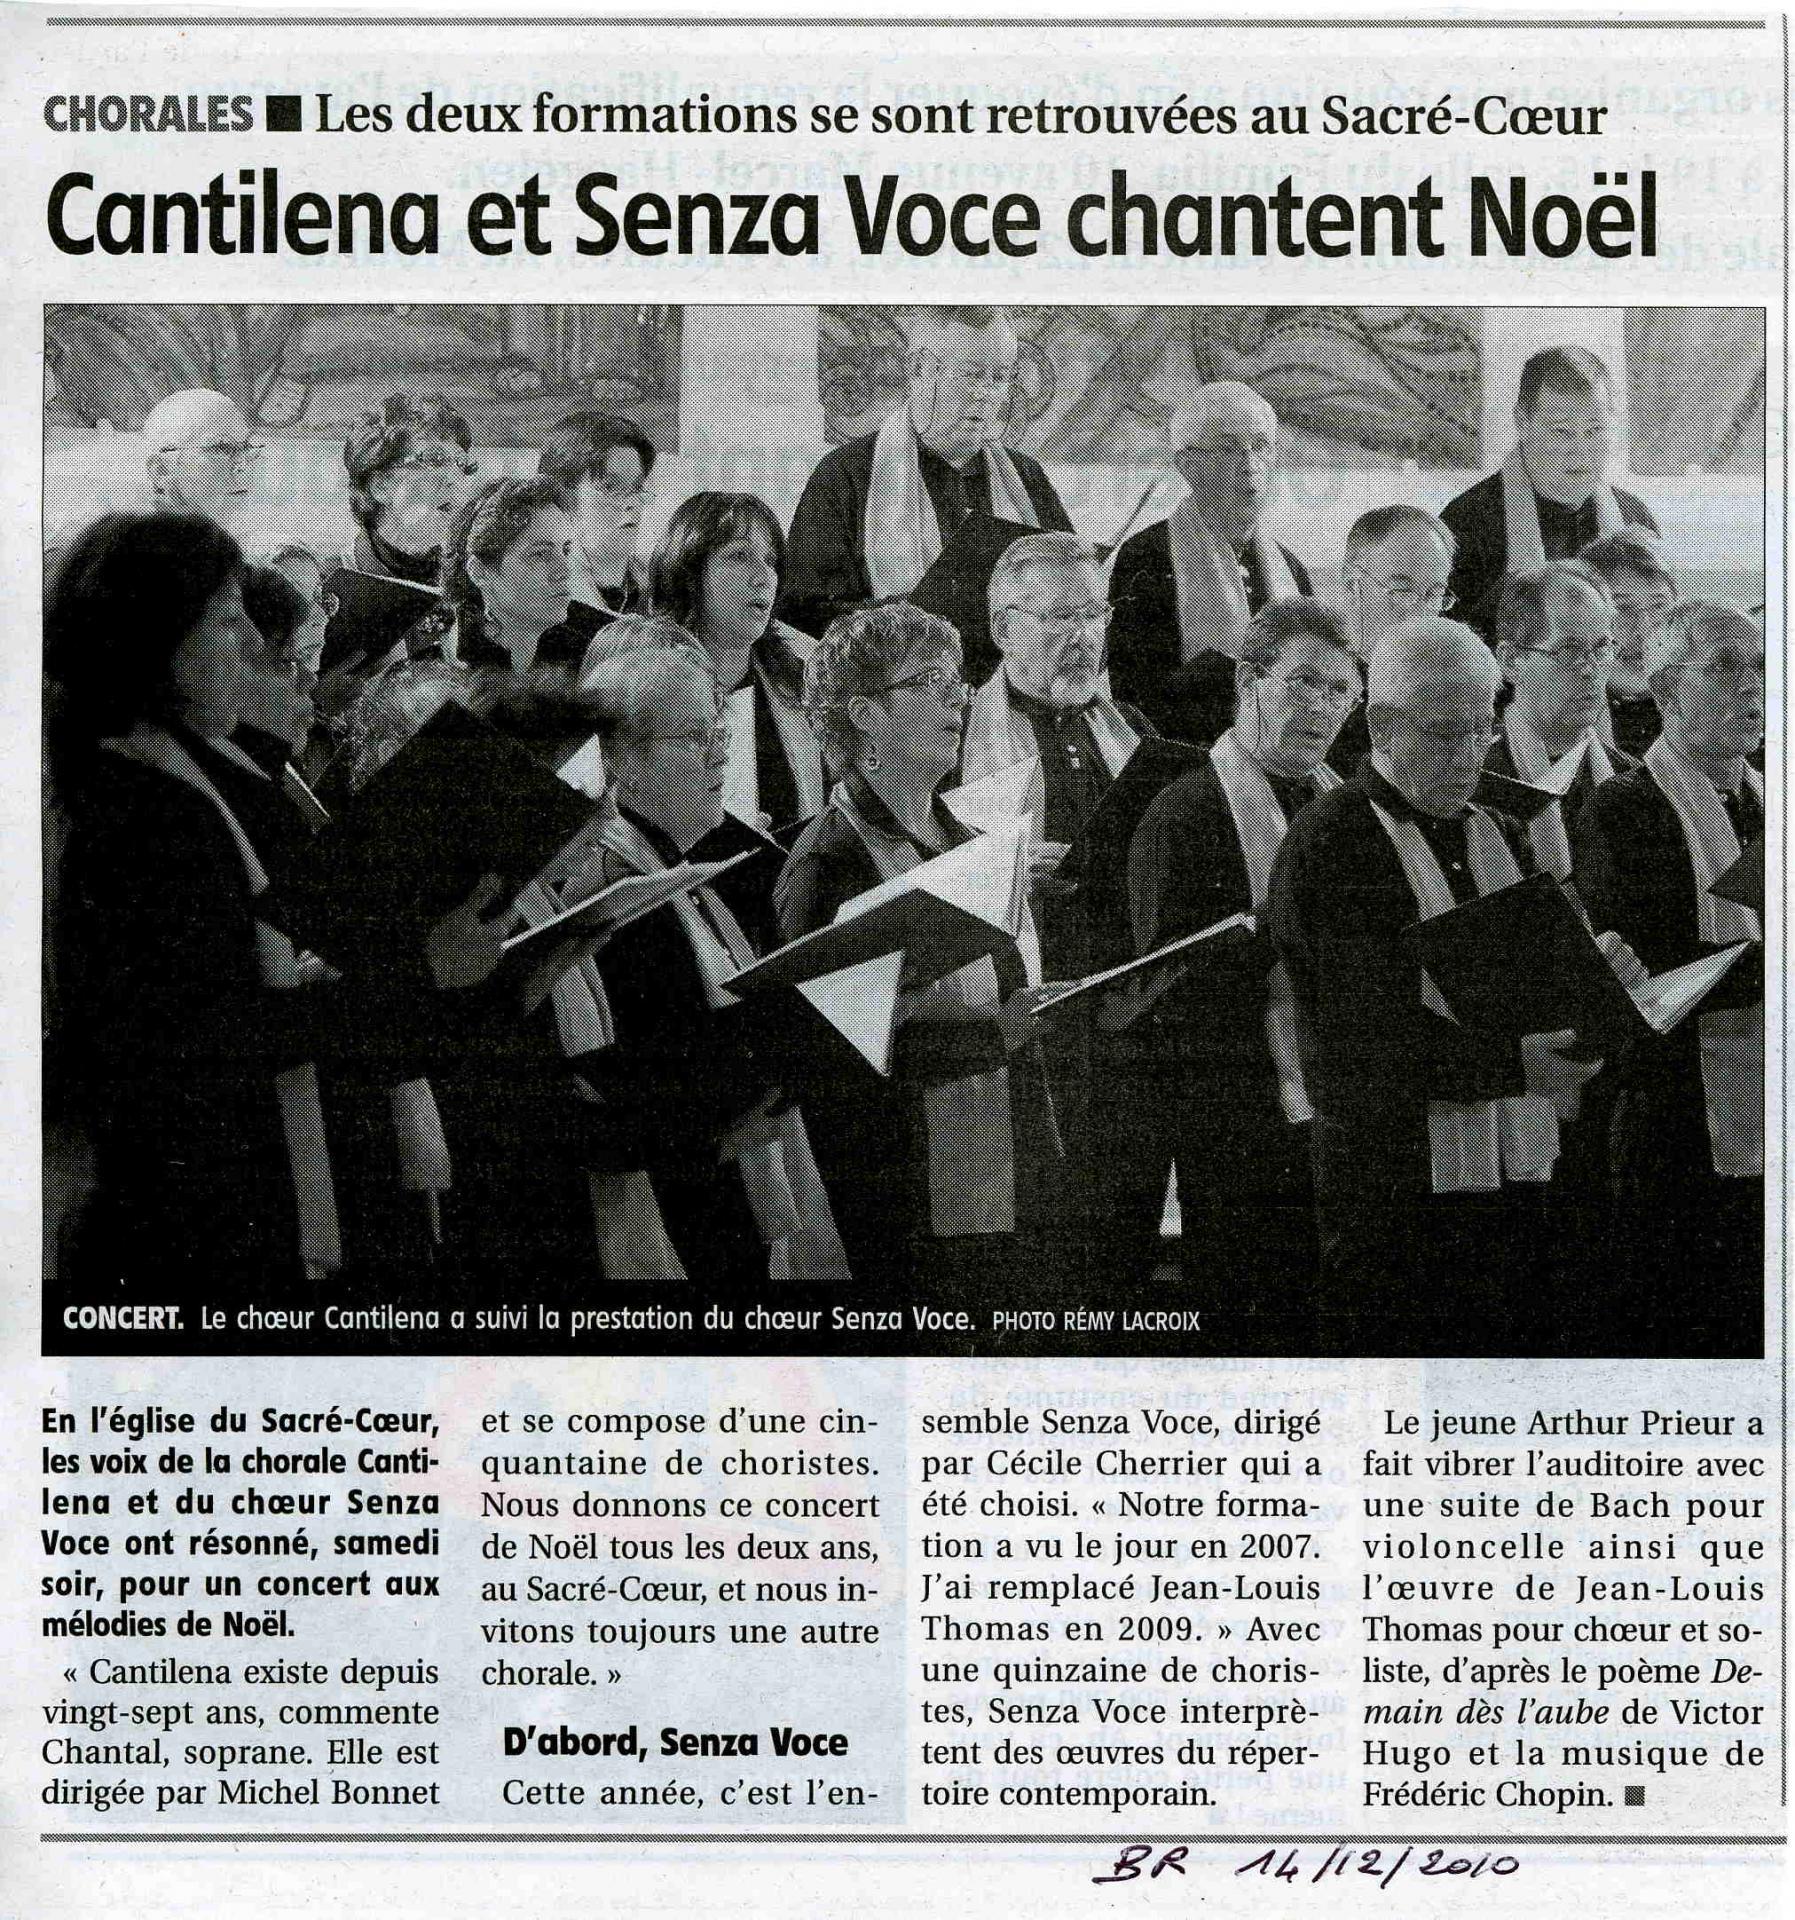 Concert de Noel avec Cantilena 2010